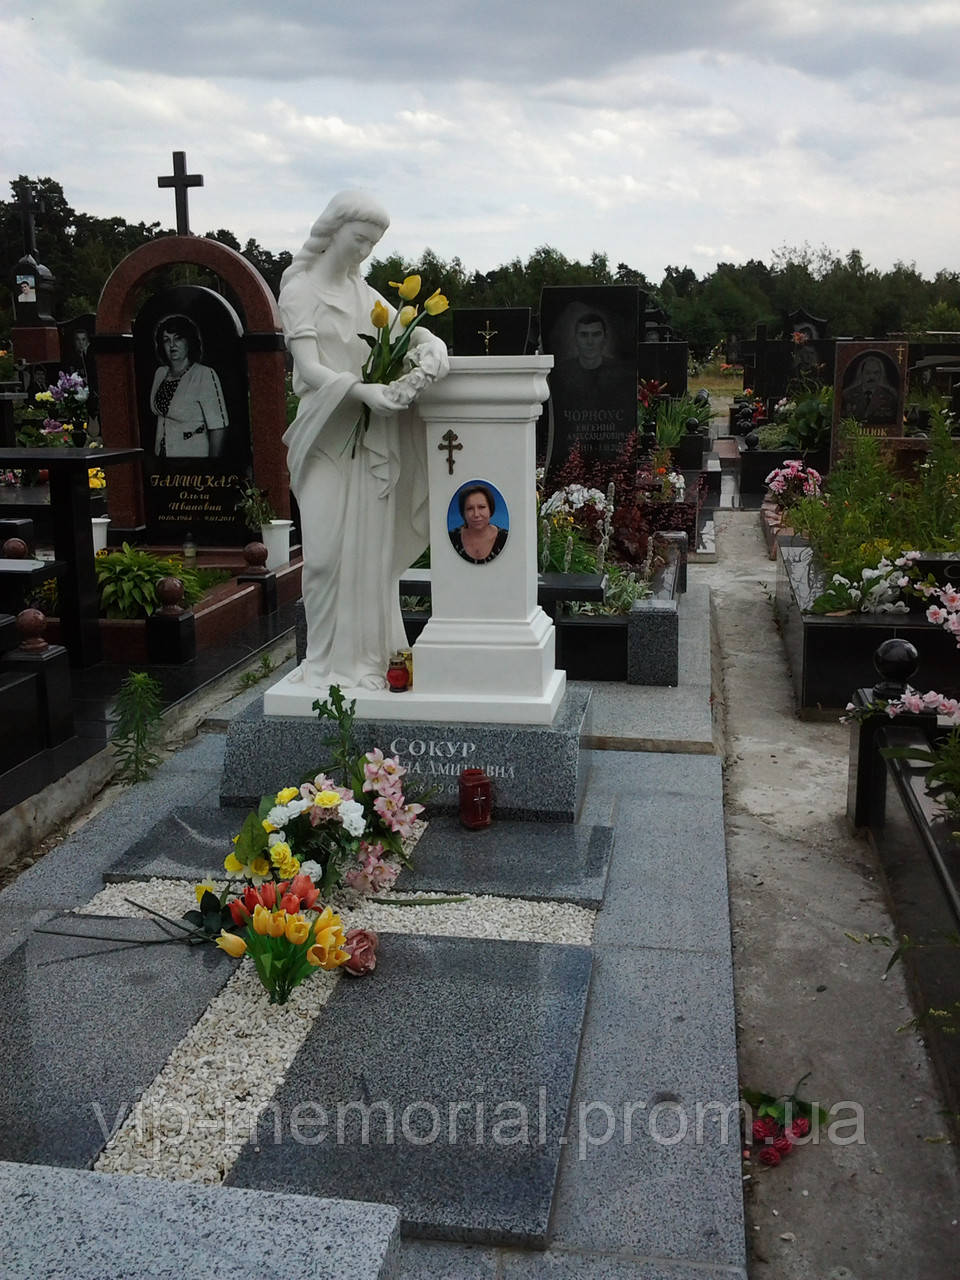 Скульптура на кладбище С-6